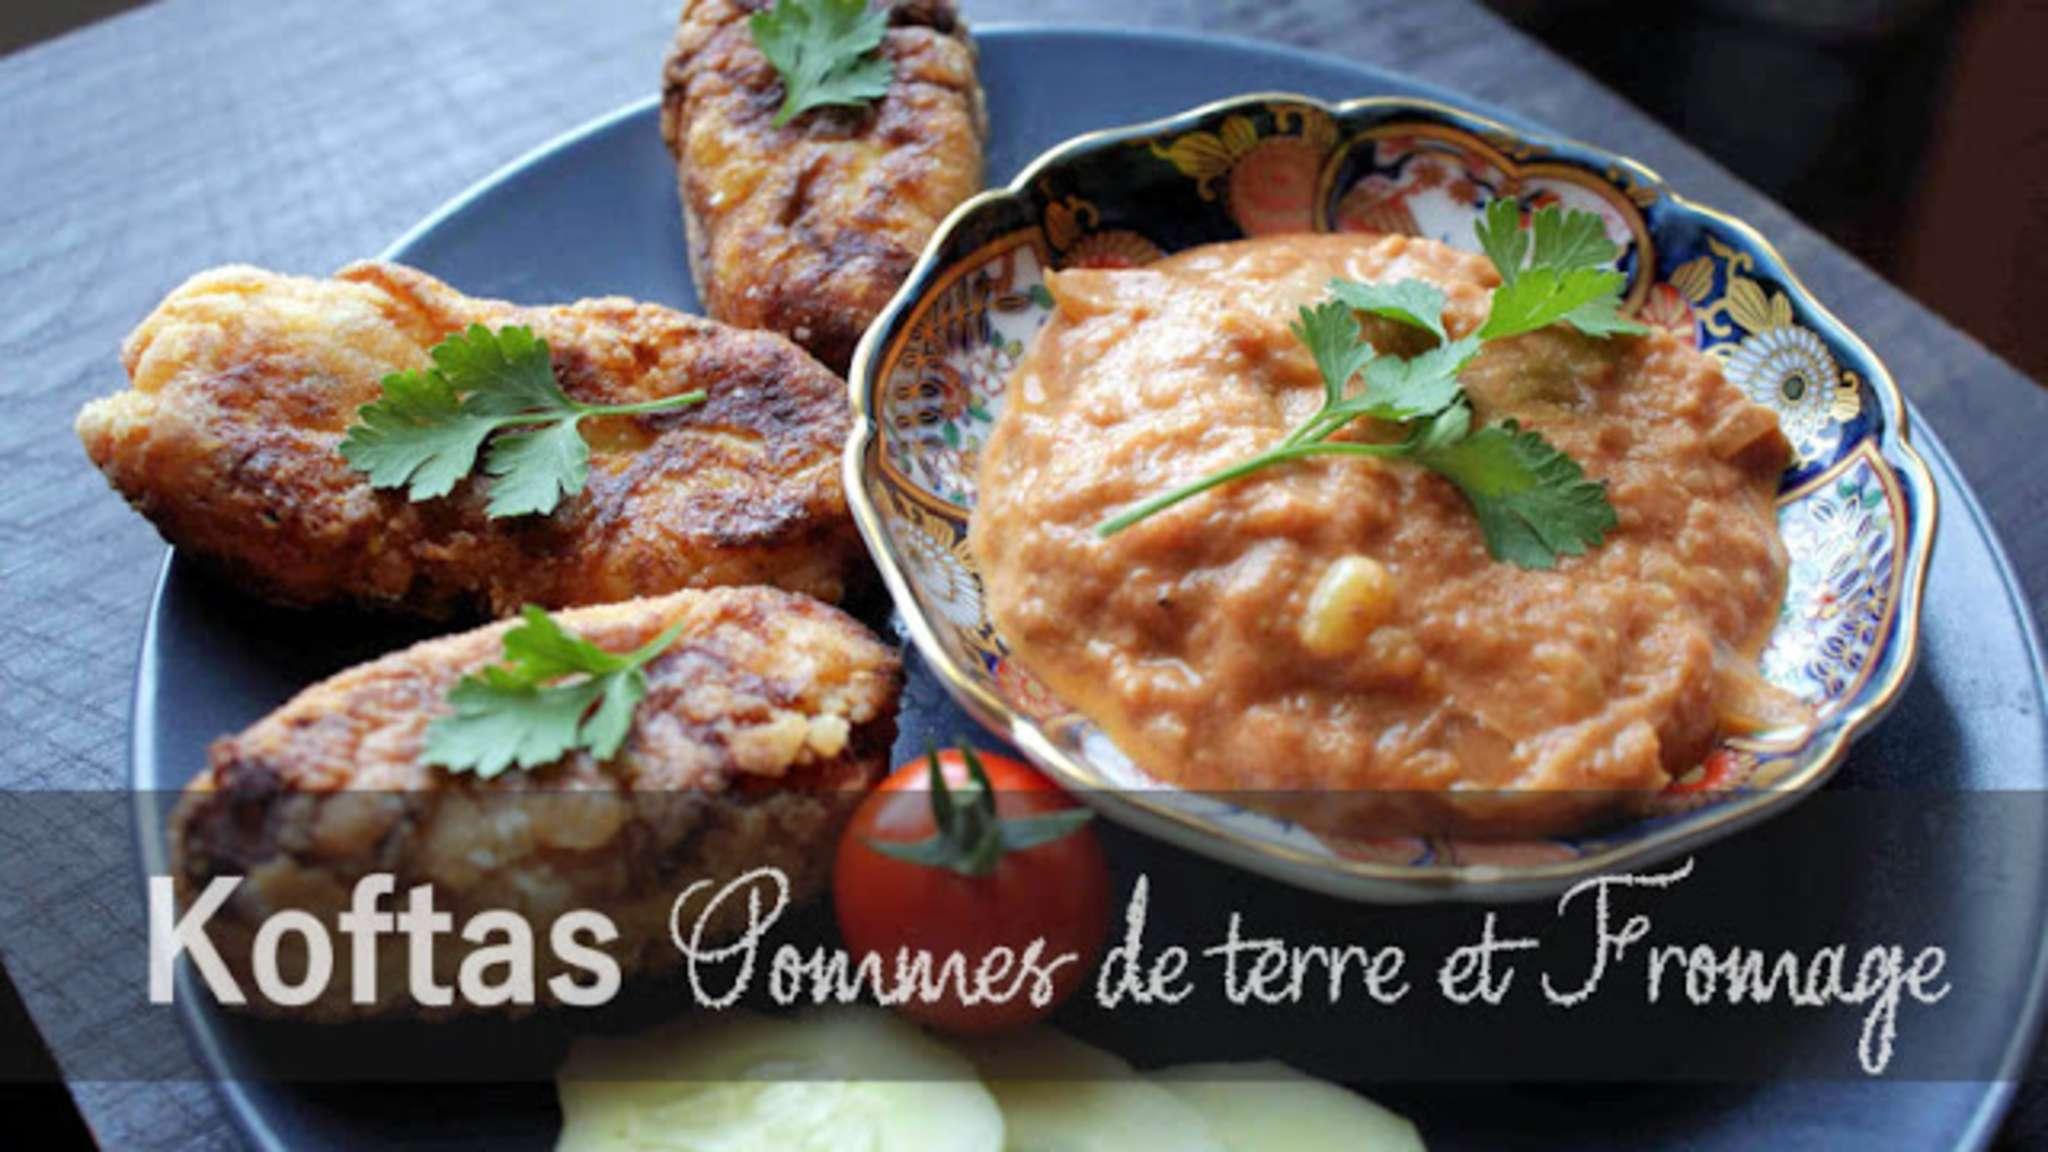 Koftas de Pommes de terre au fromage, sauce Makhani